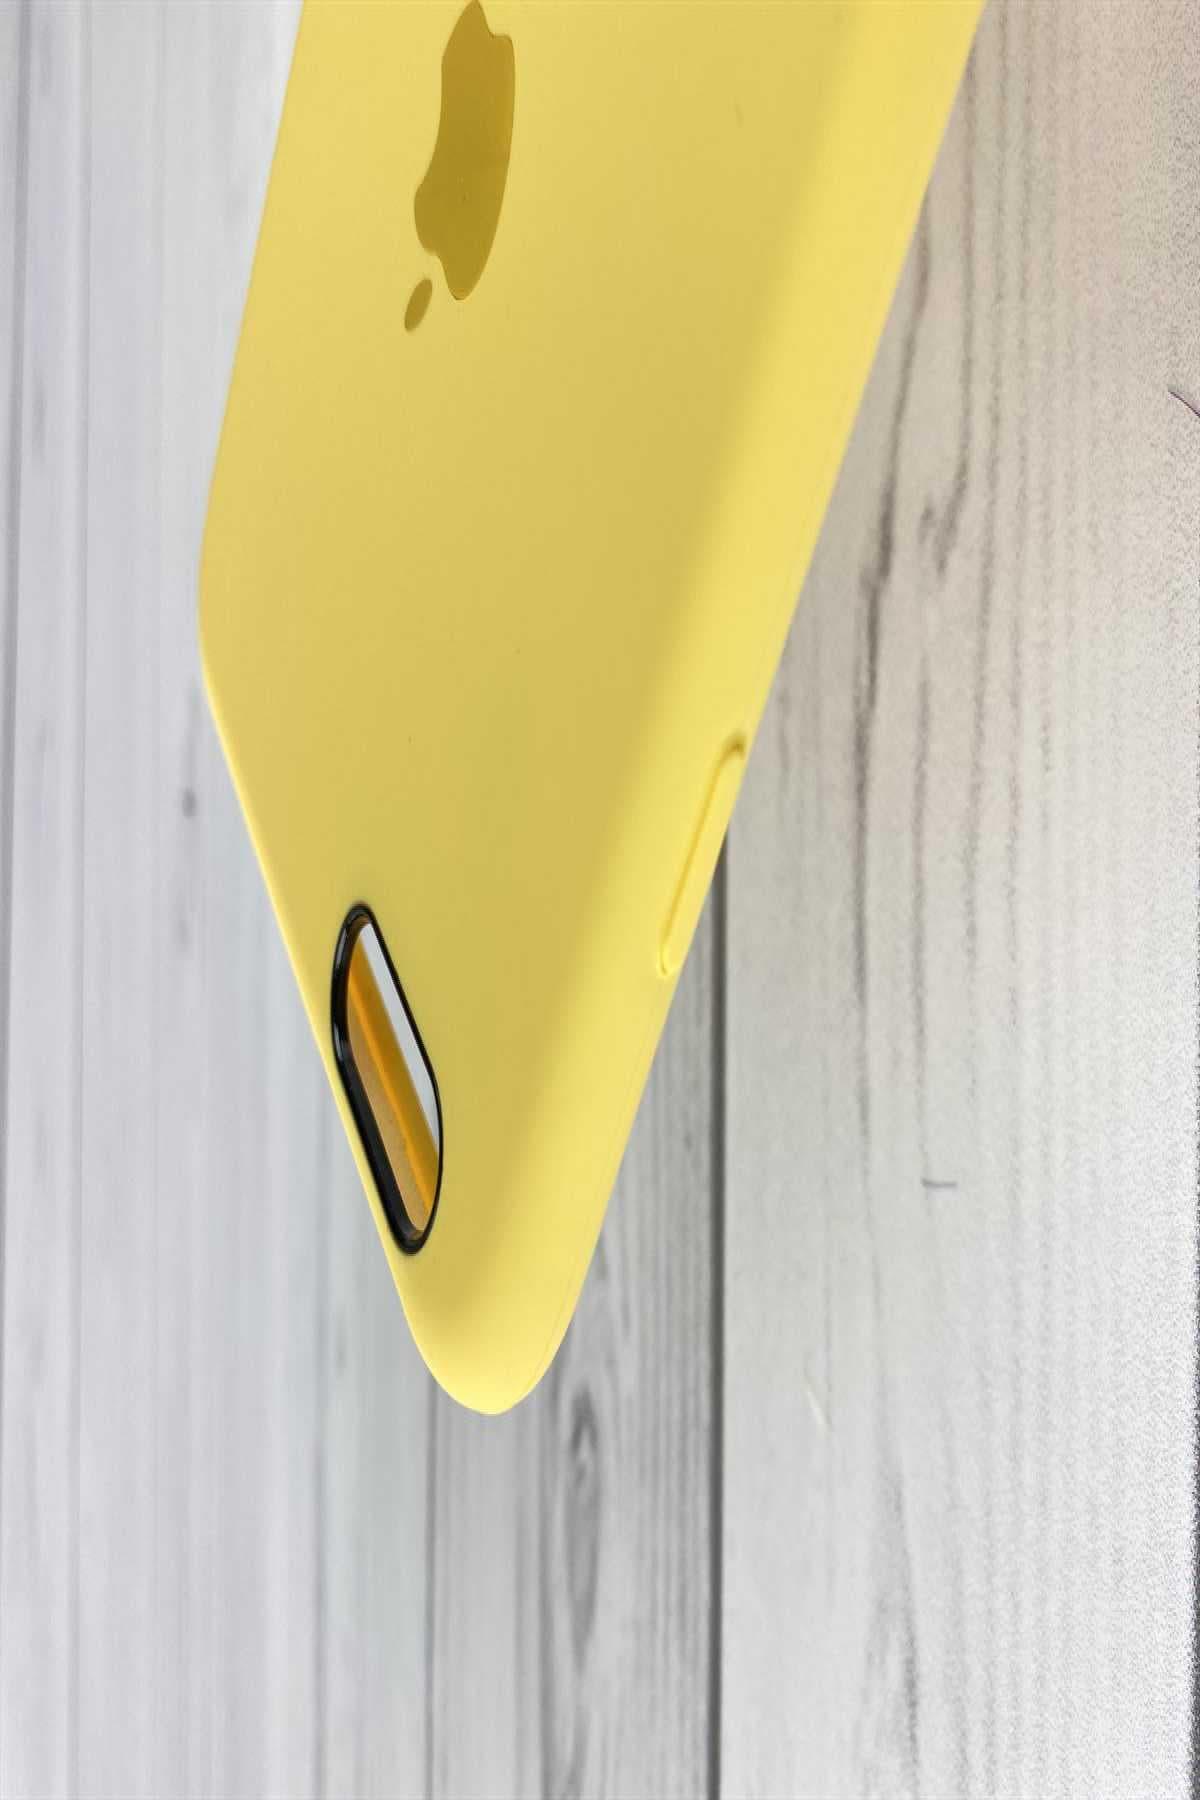 Iphone Sarı Lansman Kılıf 6/6s Plus